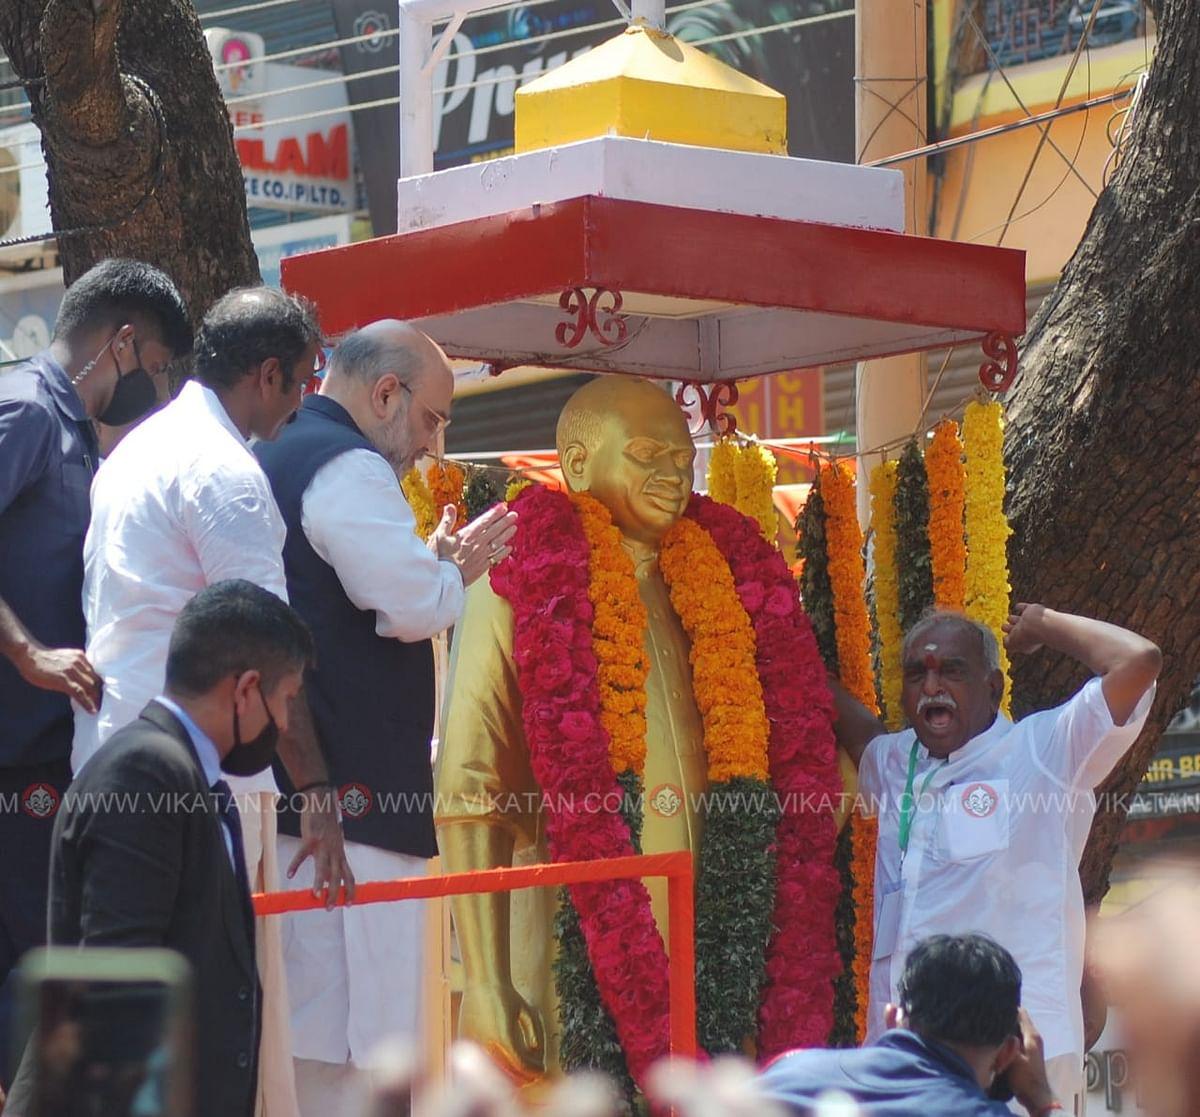 காமராஜர் சிலைக்கு மாலை அணிவித்த அமித்ஷா